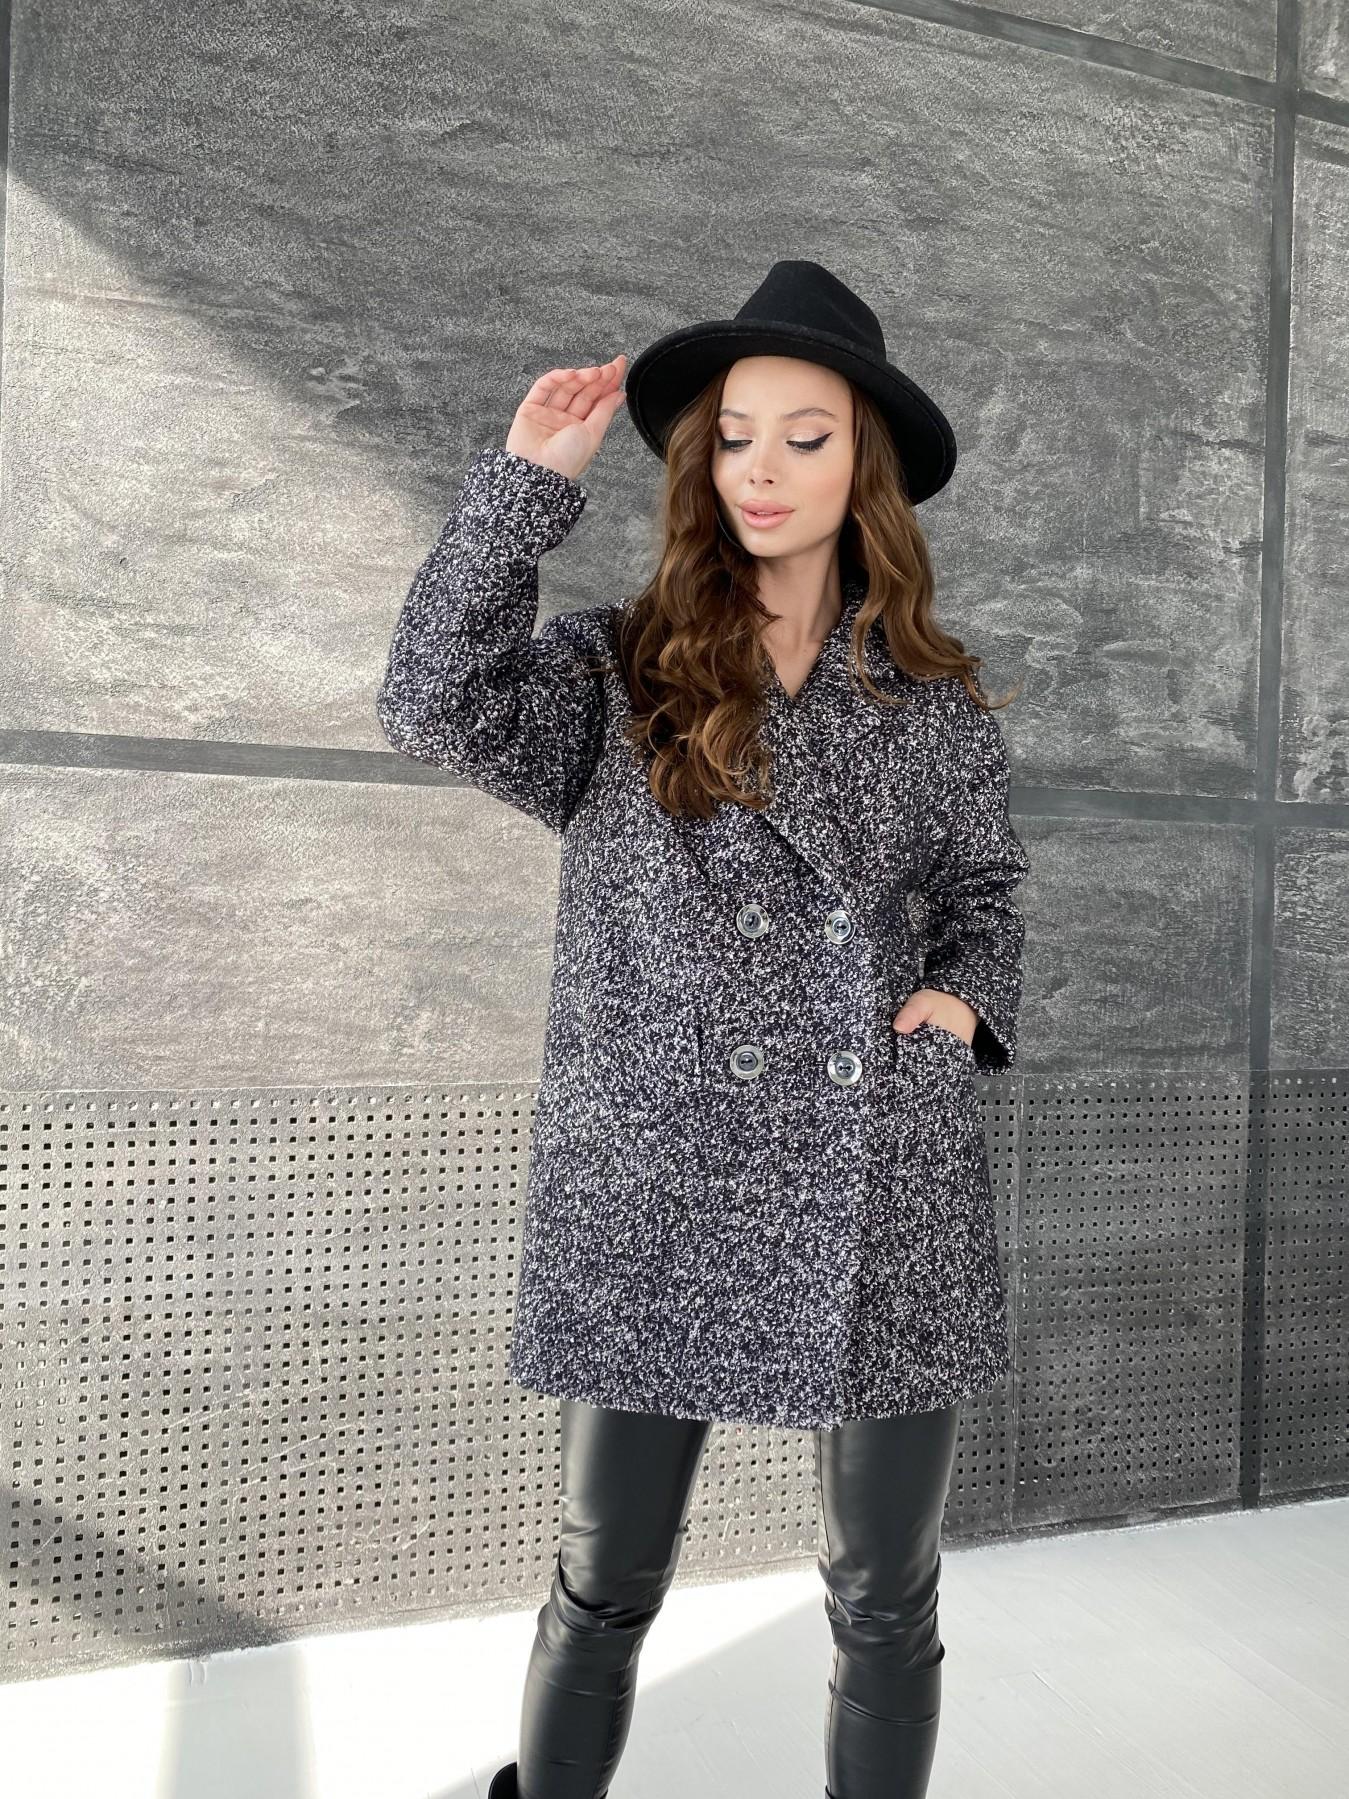 Бонд пальто из шерсти букле  10770 АРТ. 47197 Цвет: Черно серый 61 - фото 2, интернет магазин tm-modus.ru